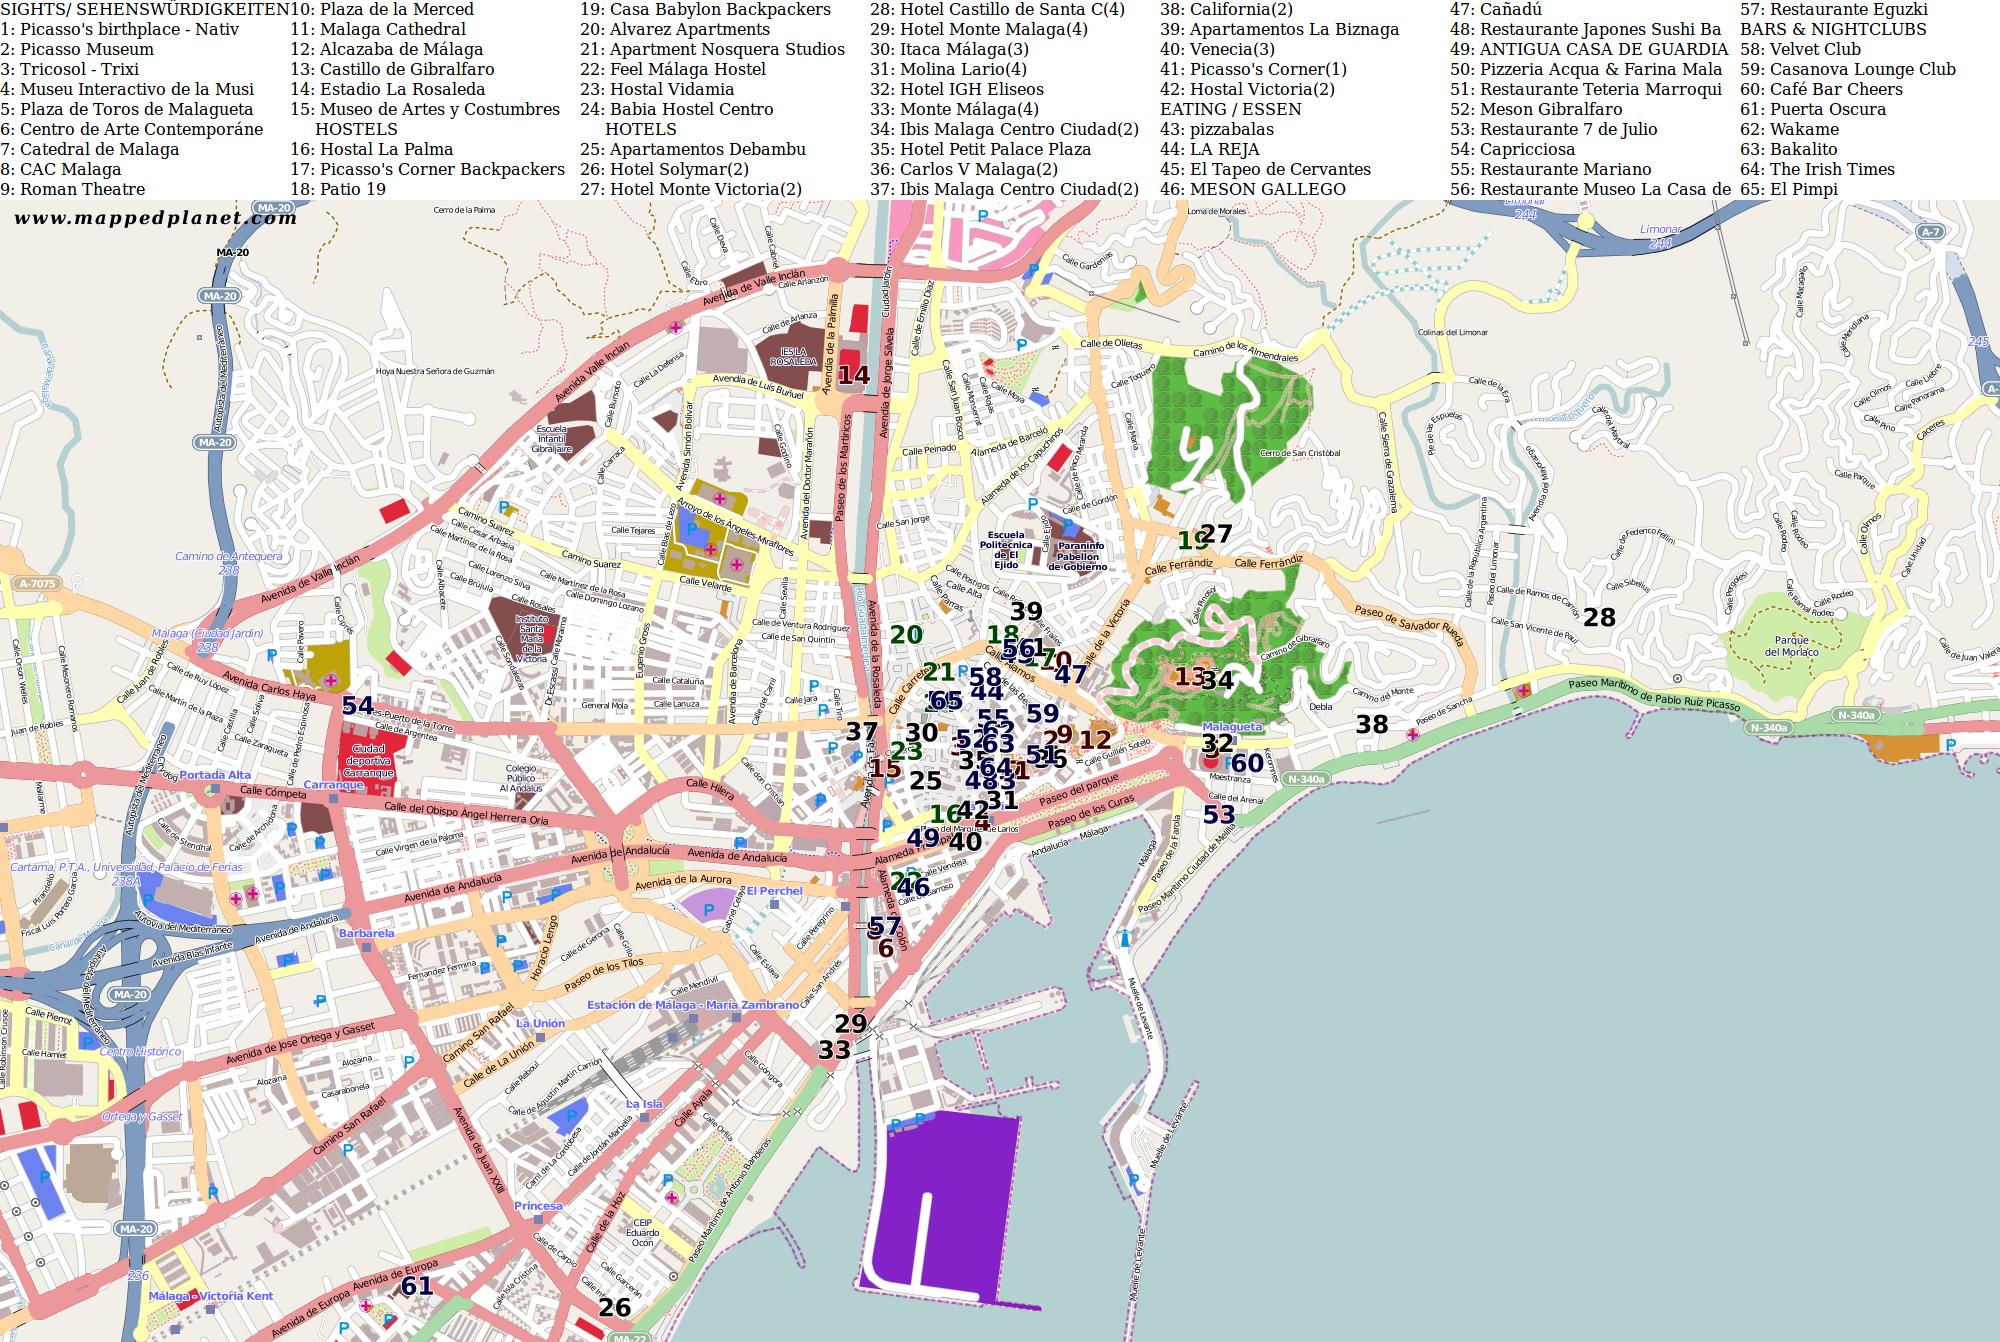 Malaga Karte Spanien.Karten Und Stadtplane Malaga